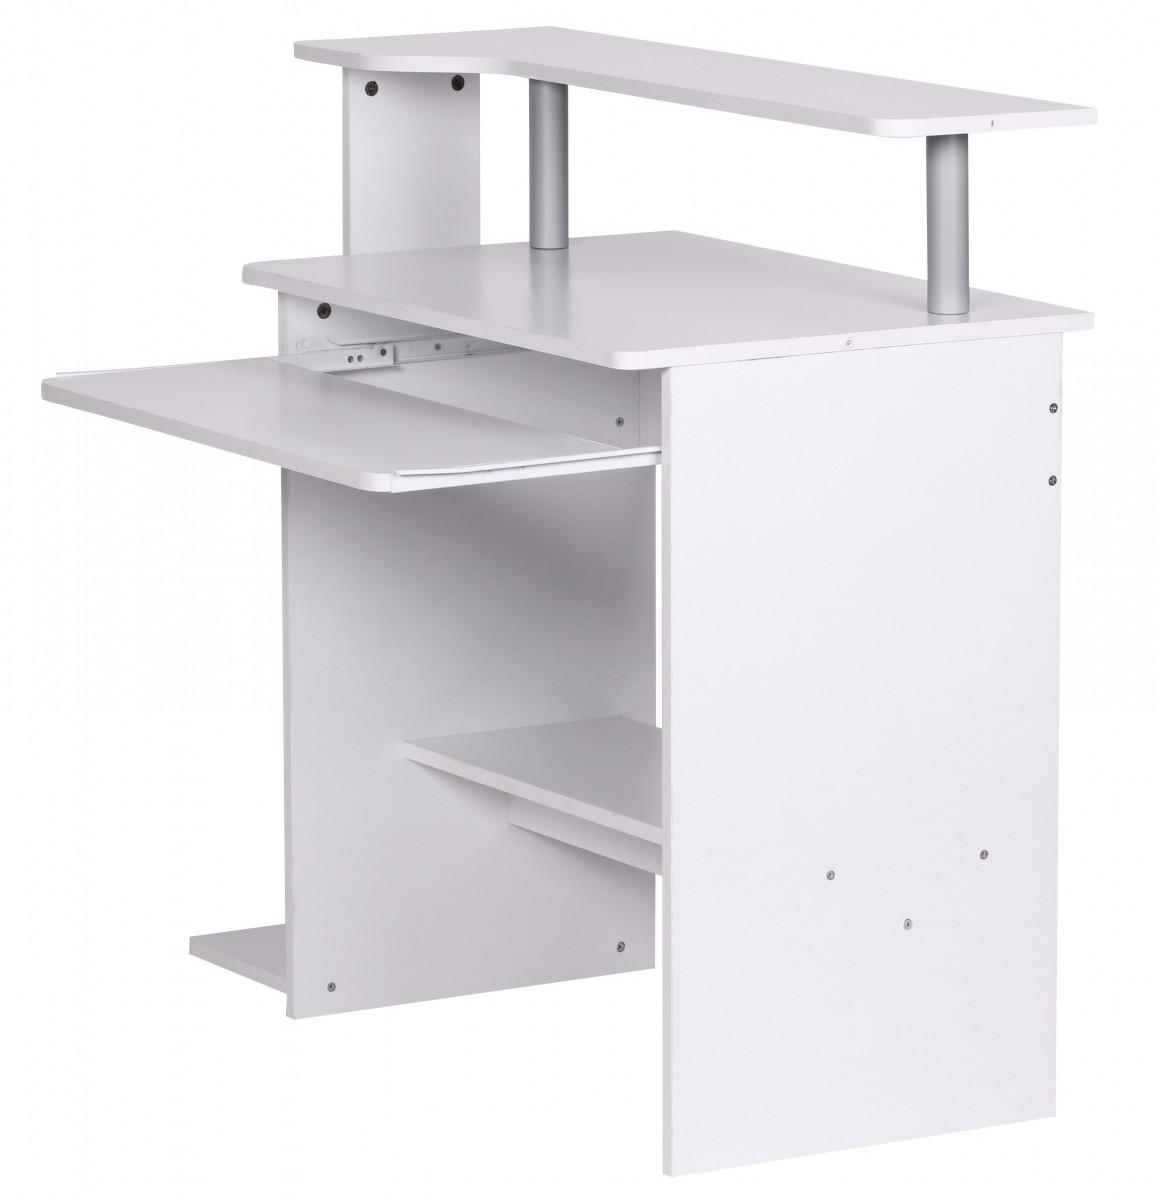 Počítačový stůl s výsuvnou klávesnicí Daren, 94 cm, bílá